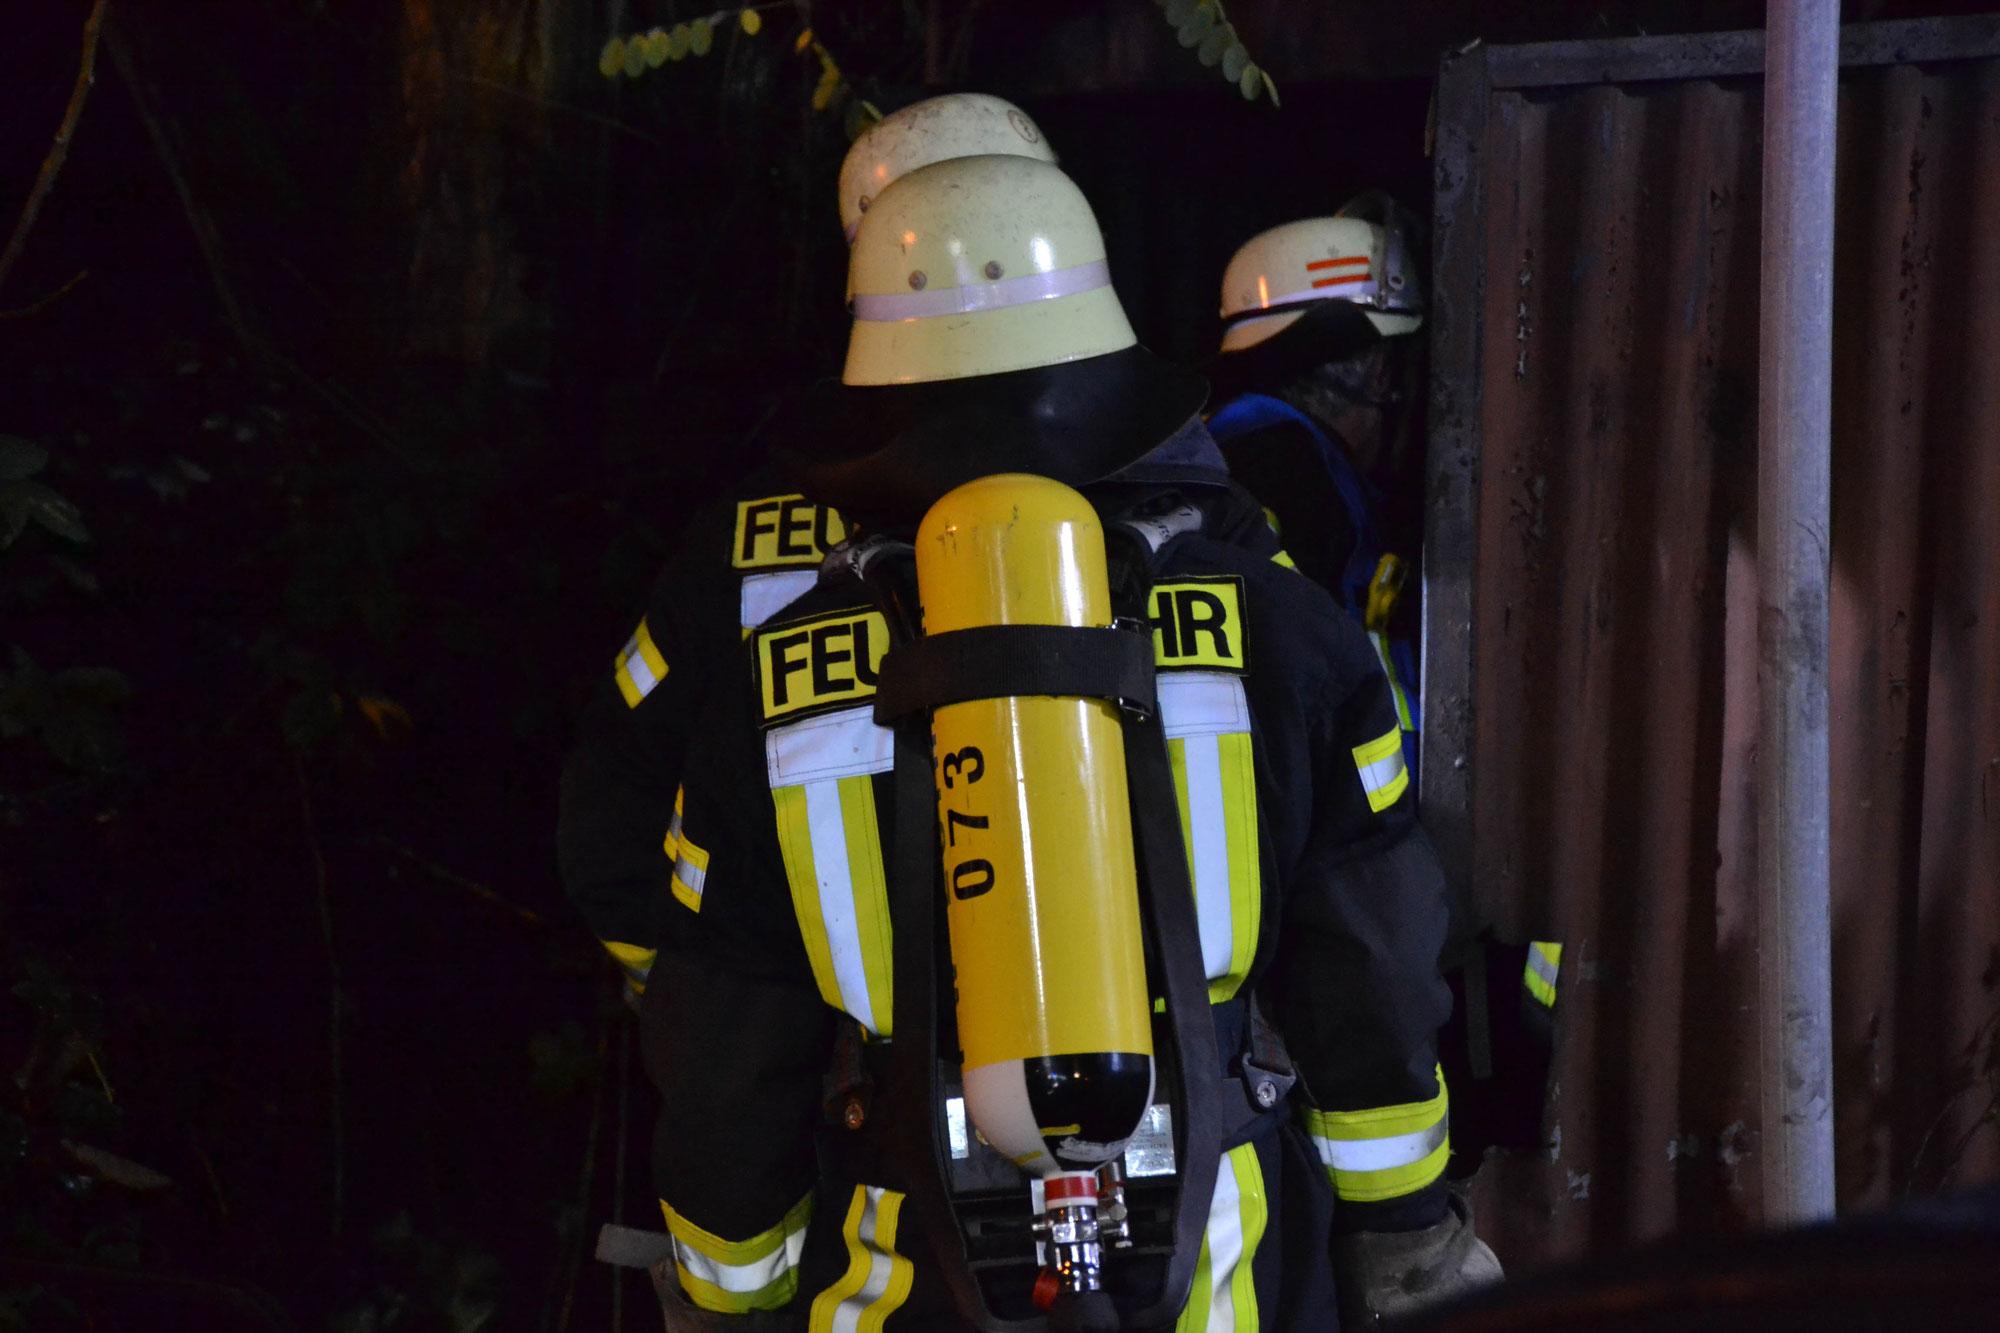 Mutterstadt: Schwere Brandstiftung - Gemeinsame Pressemitteilung von Staatsanwaltschaft Frankenthal und des Polizeipräsidiums Rheinpfalz